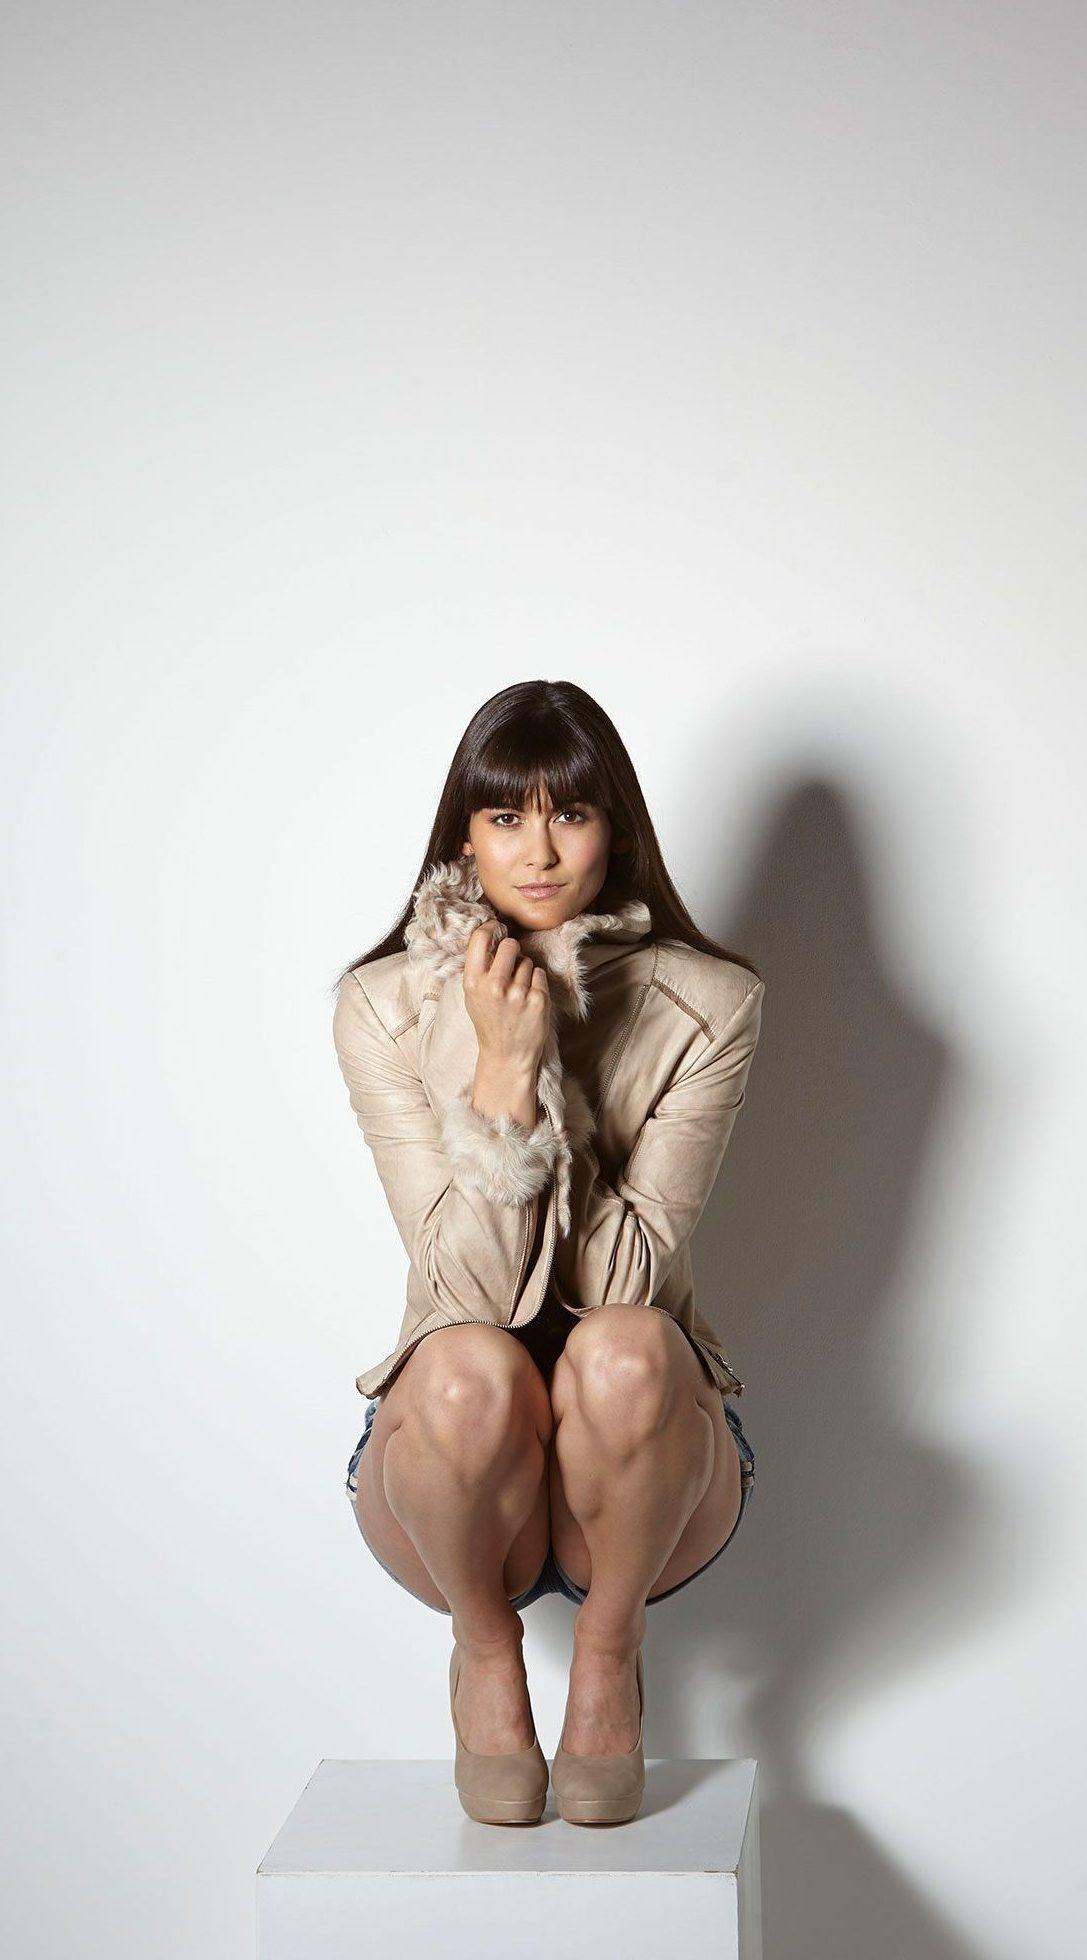 Modeaufnahme einer beigen Lederjacke mit Pelz.